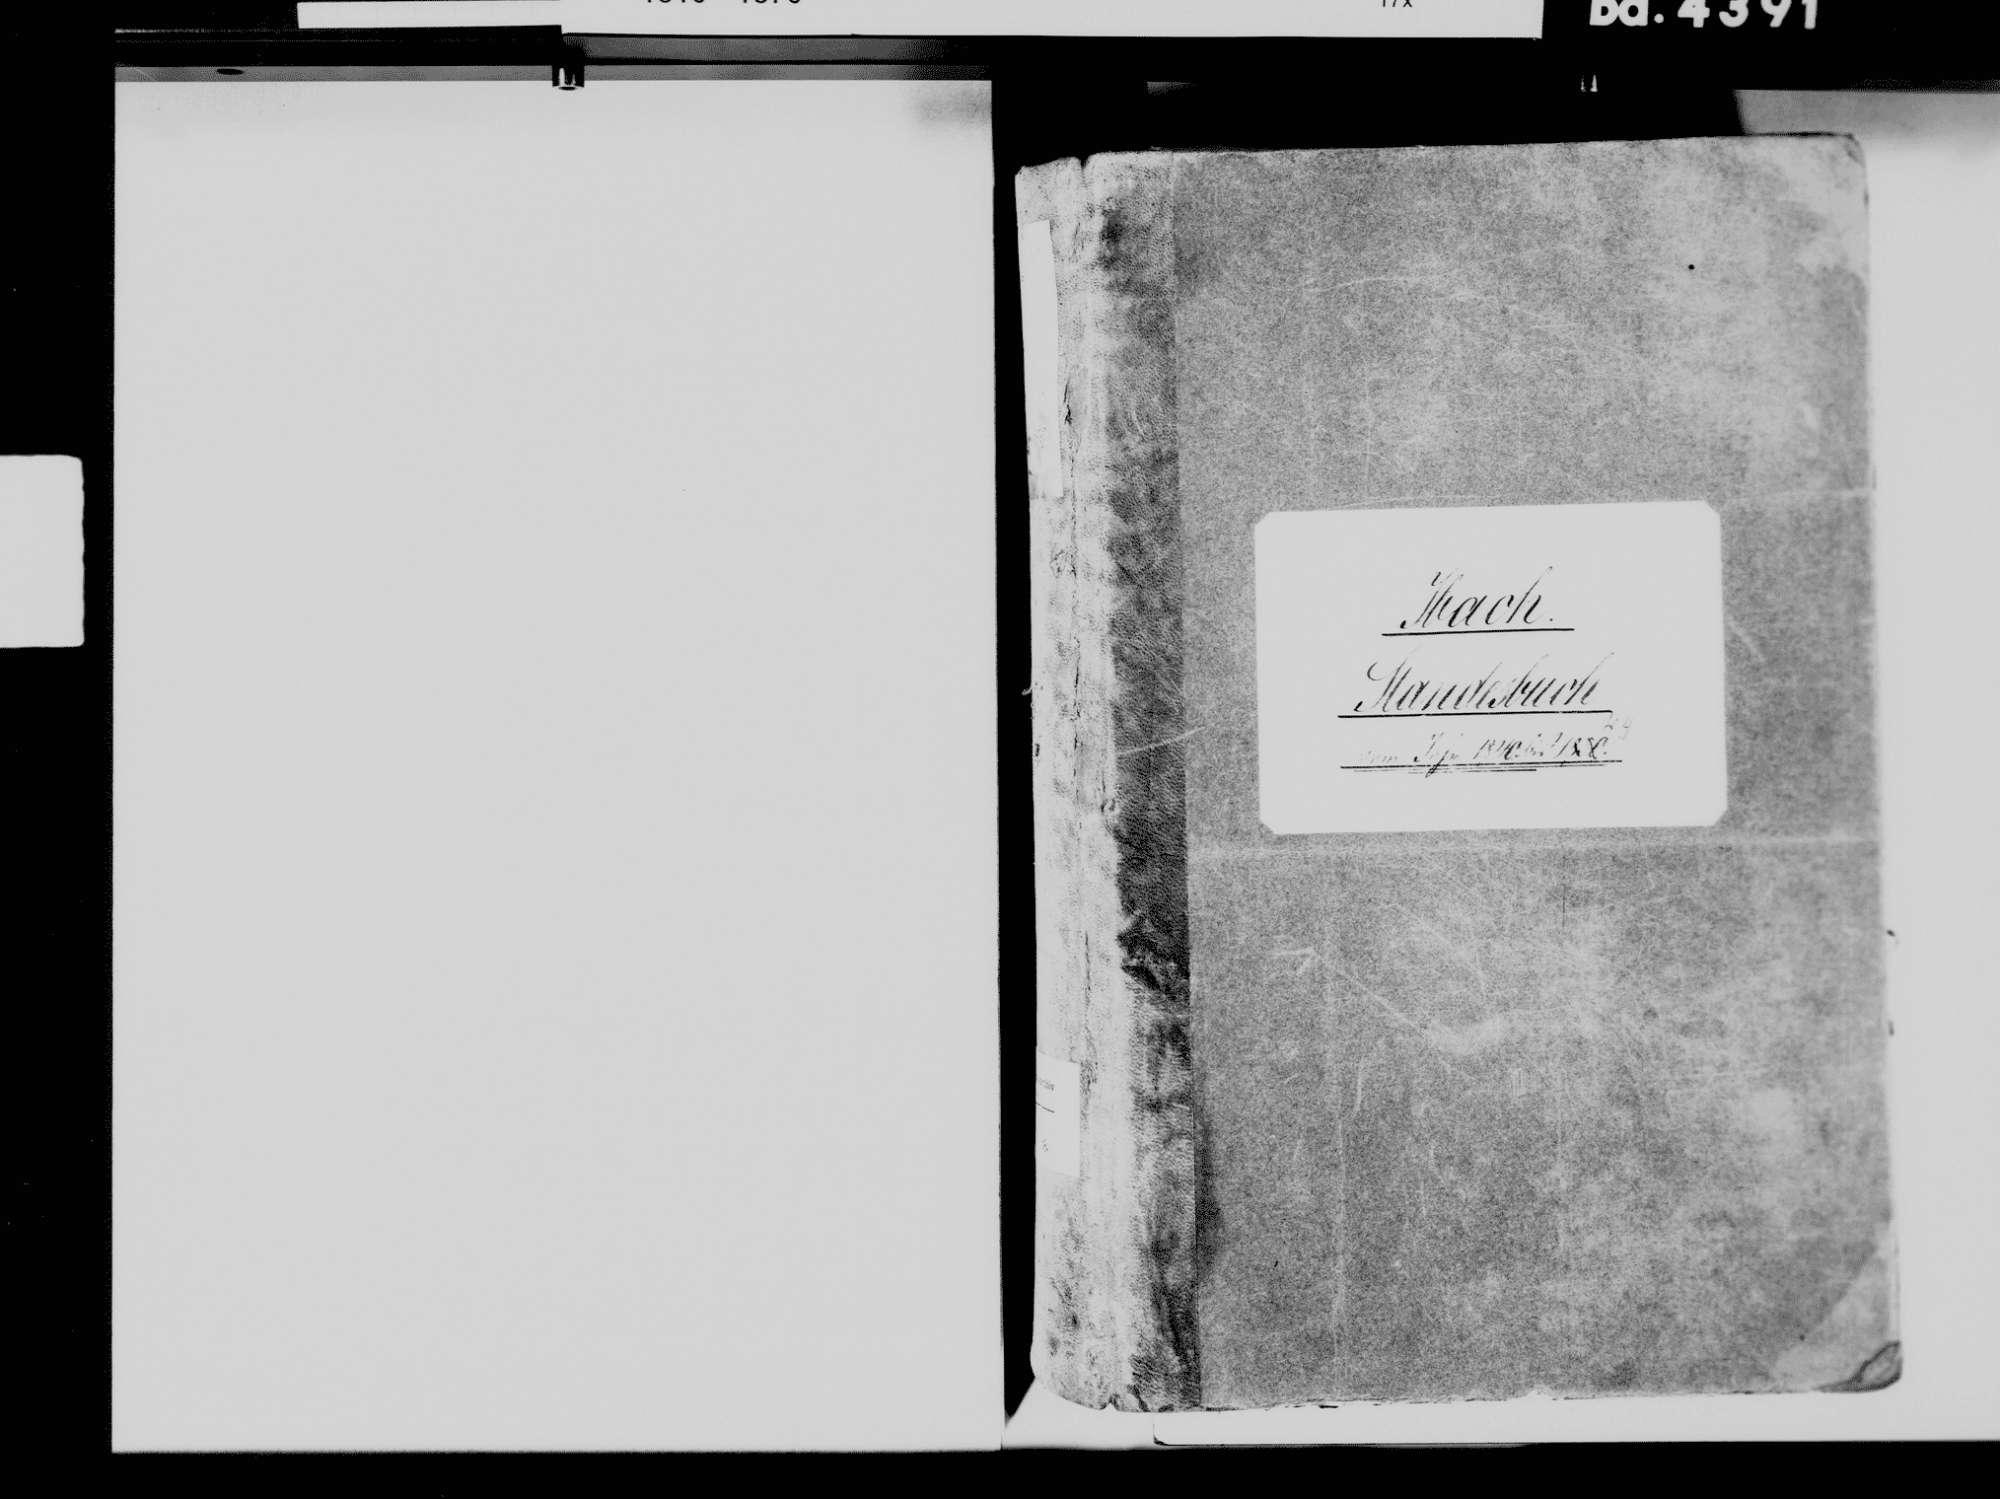 Ibach WT; Katholische Gemeinde: Standesbuch 1840-1849, Bild 3